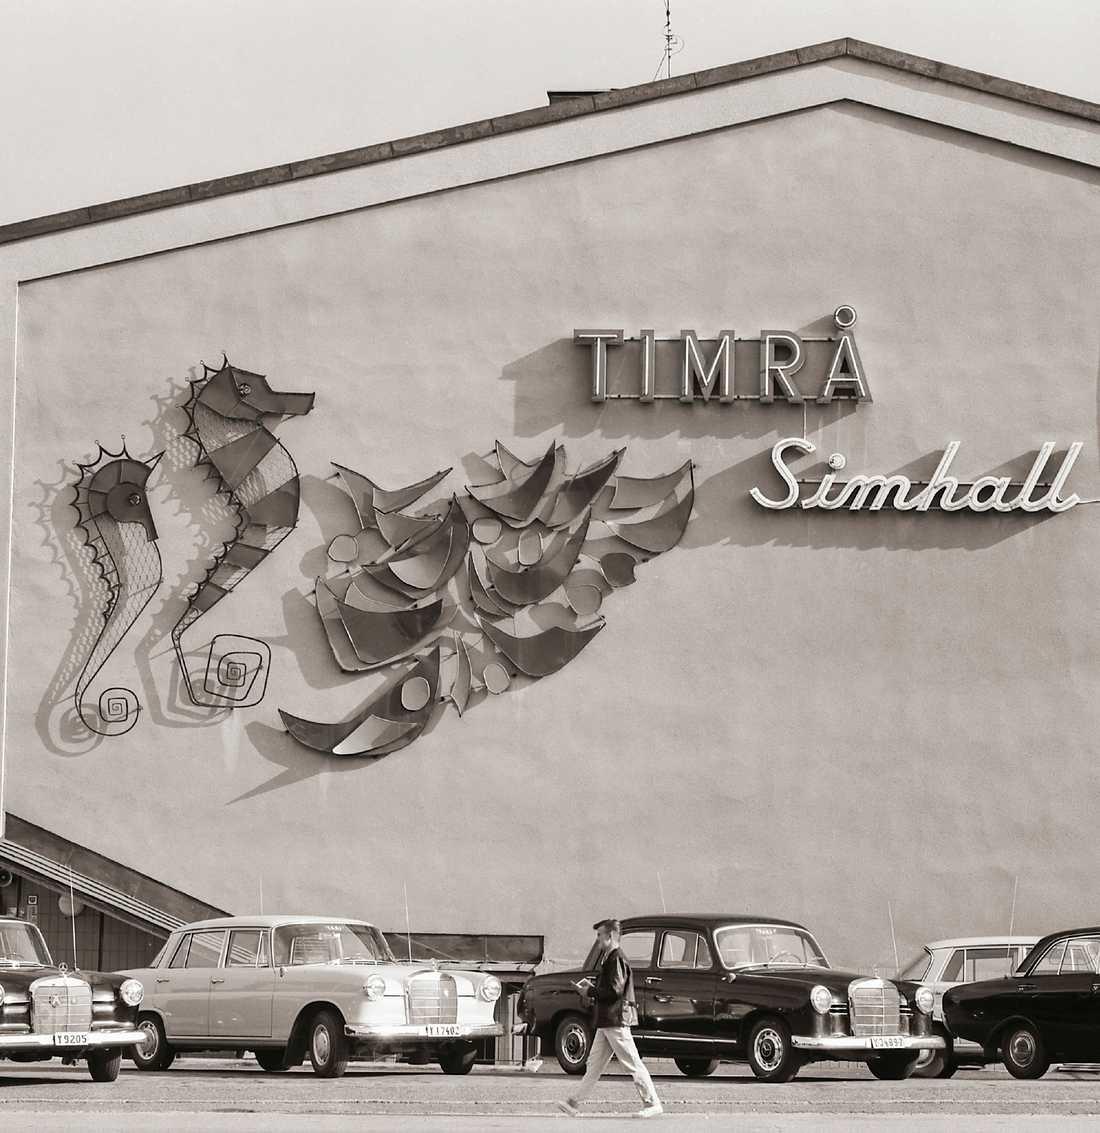 Upsala-Ekeby bidrog även till den offentliga konsten, här i Timrå.